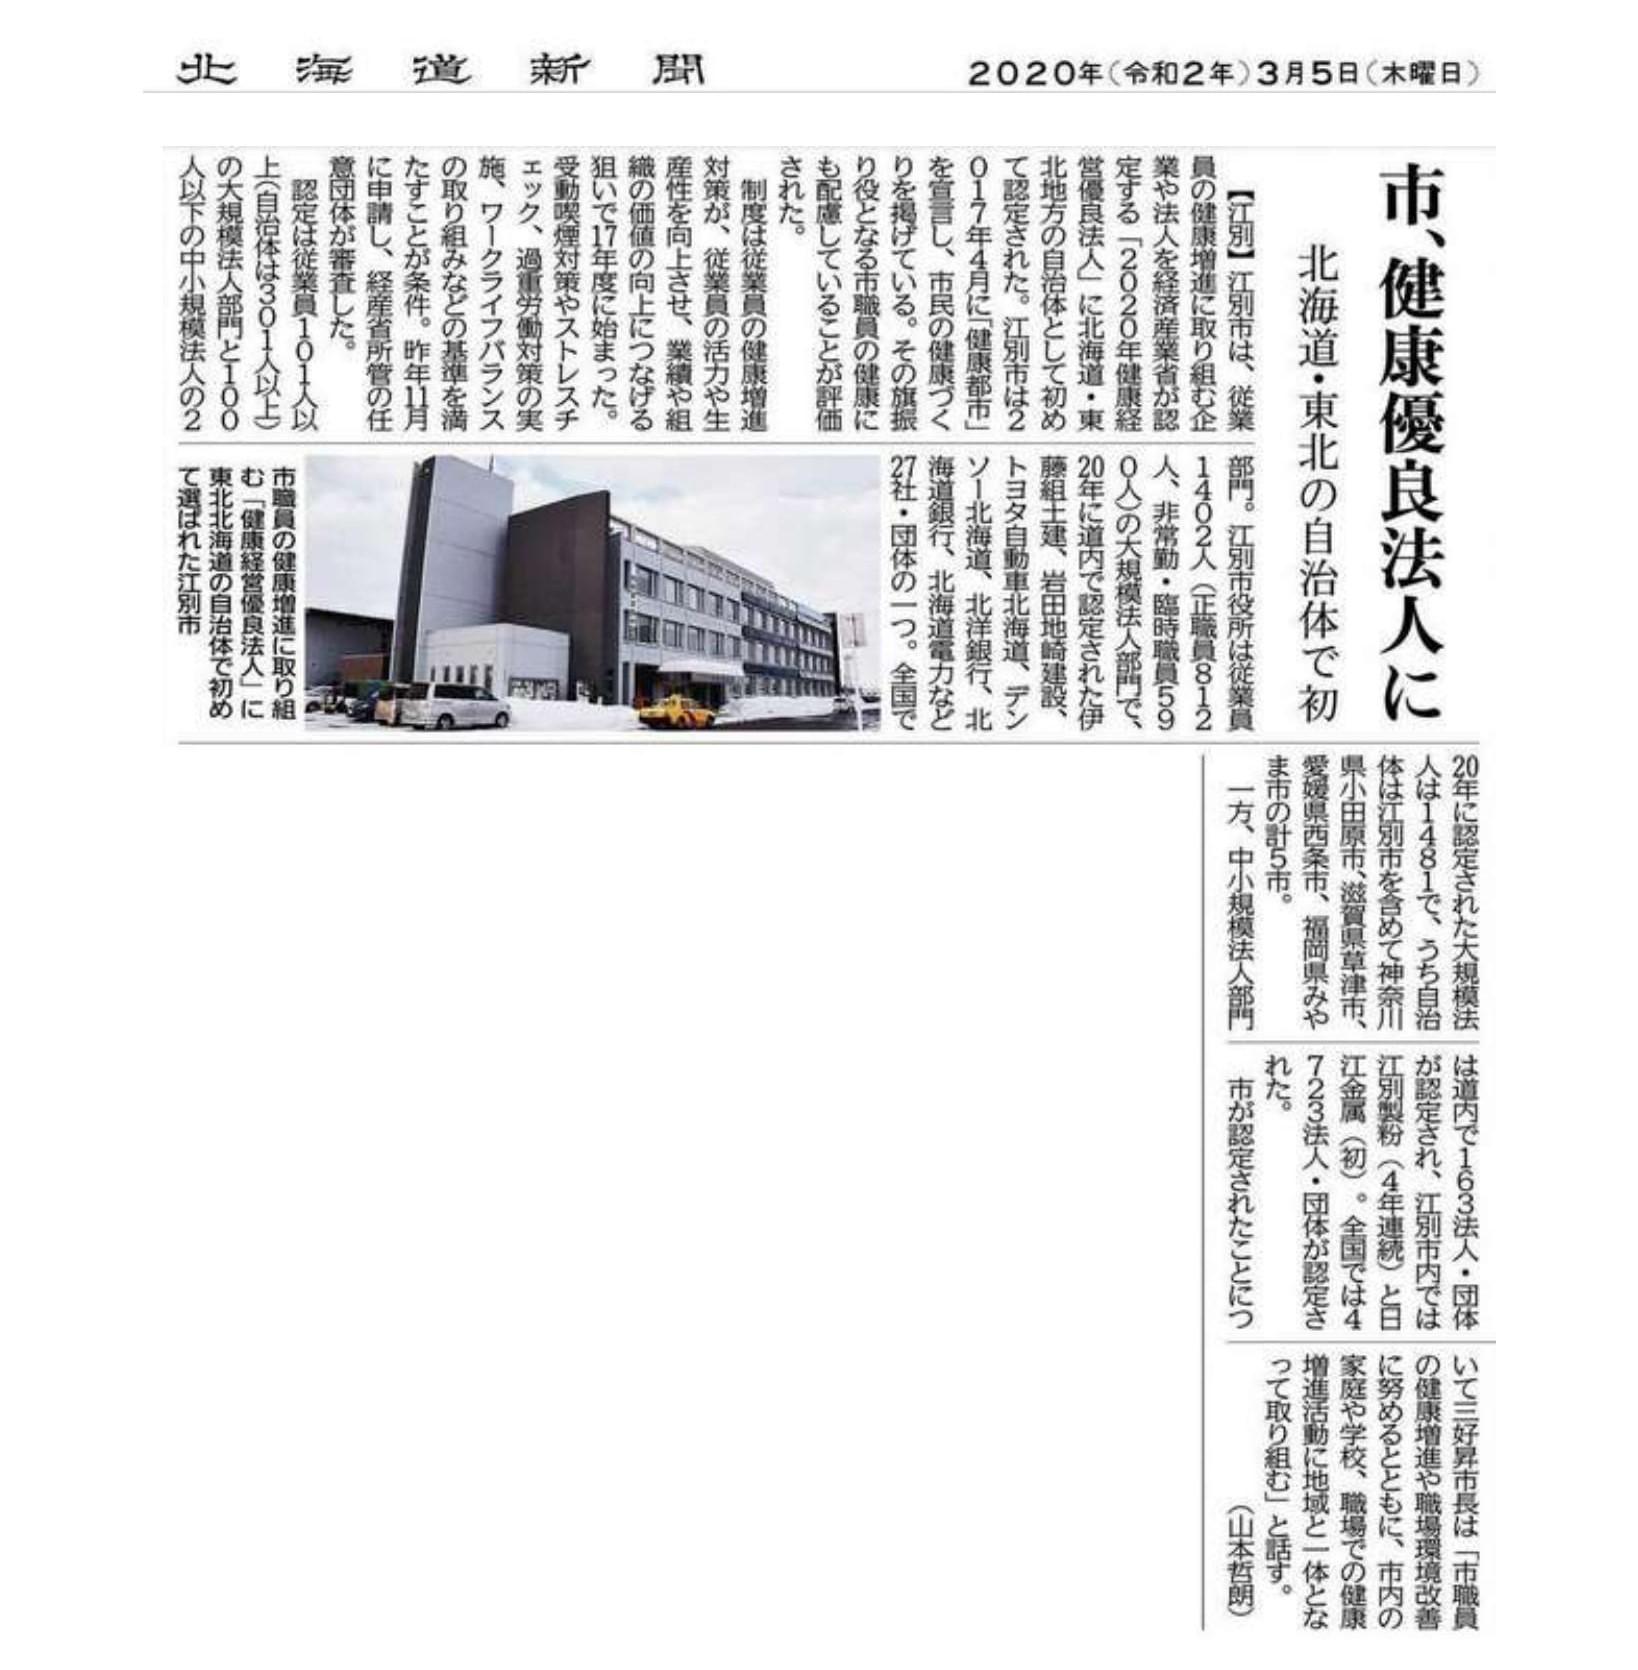 江別市が「2020年健康経営優良法人」に認定されました